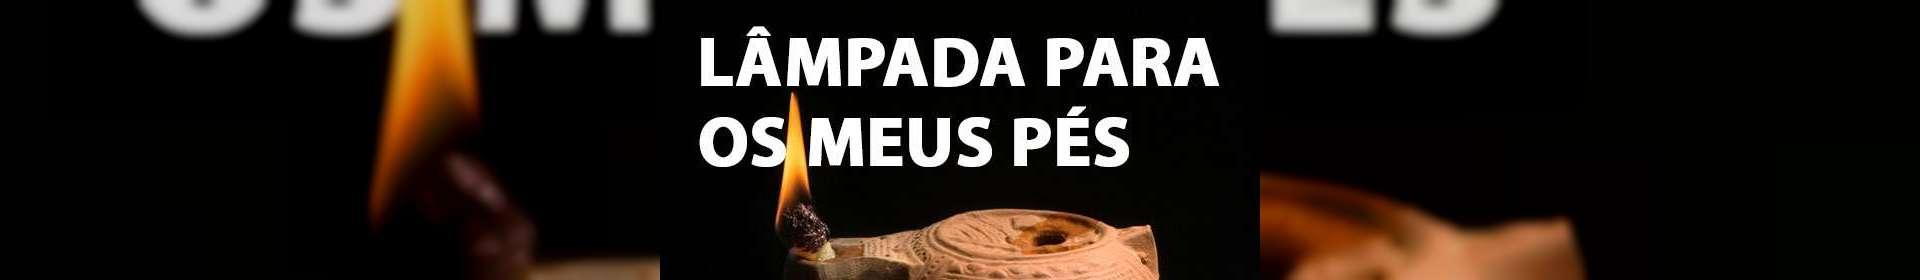 Lâmpada para os Meus Pés - 14/01/2019